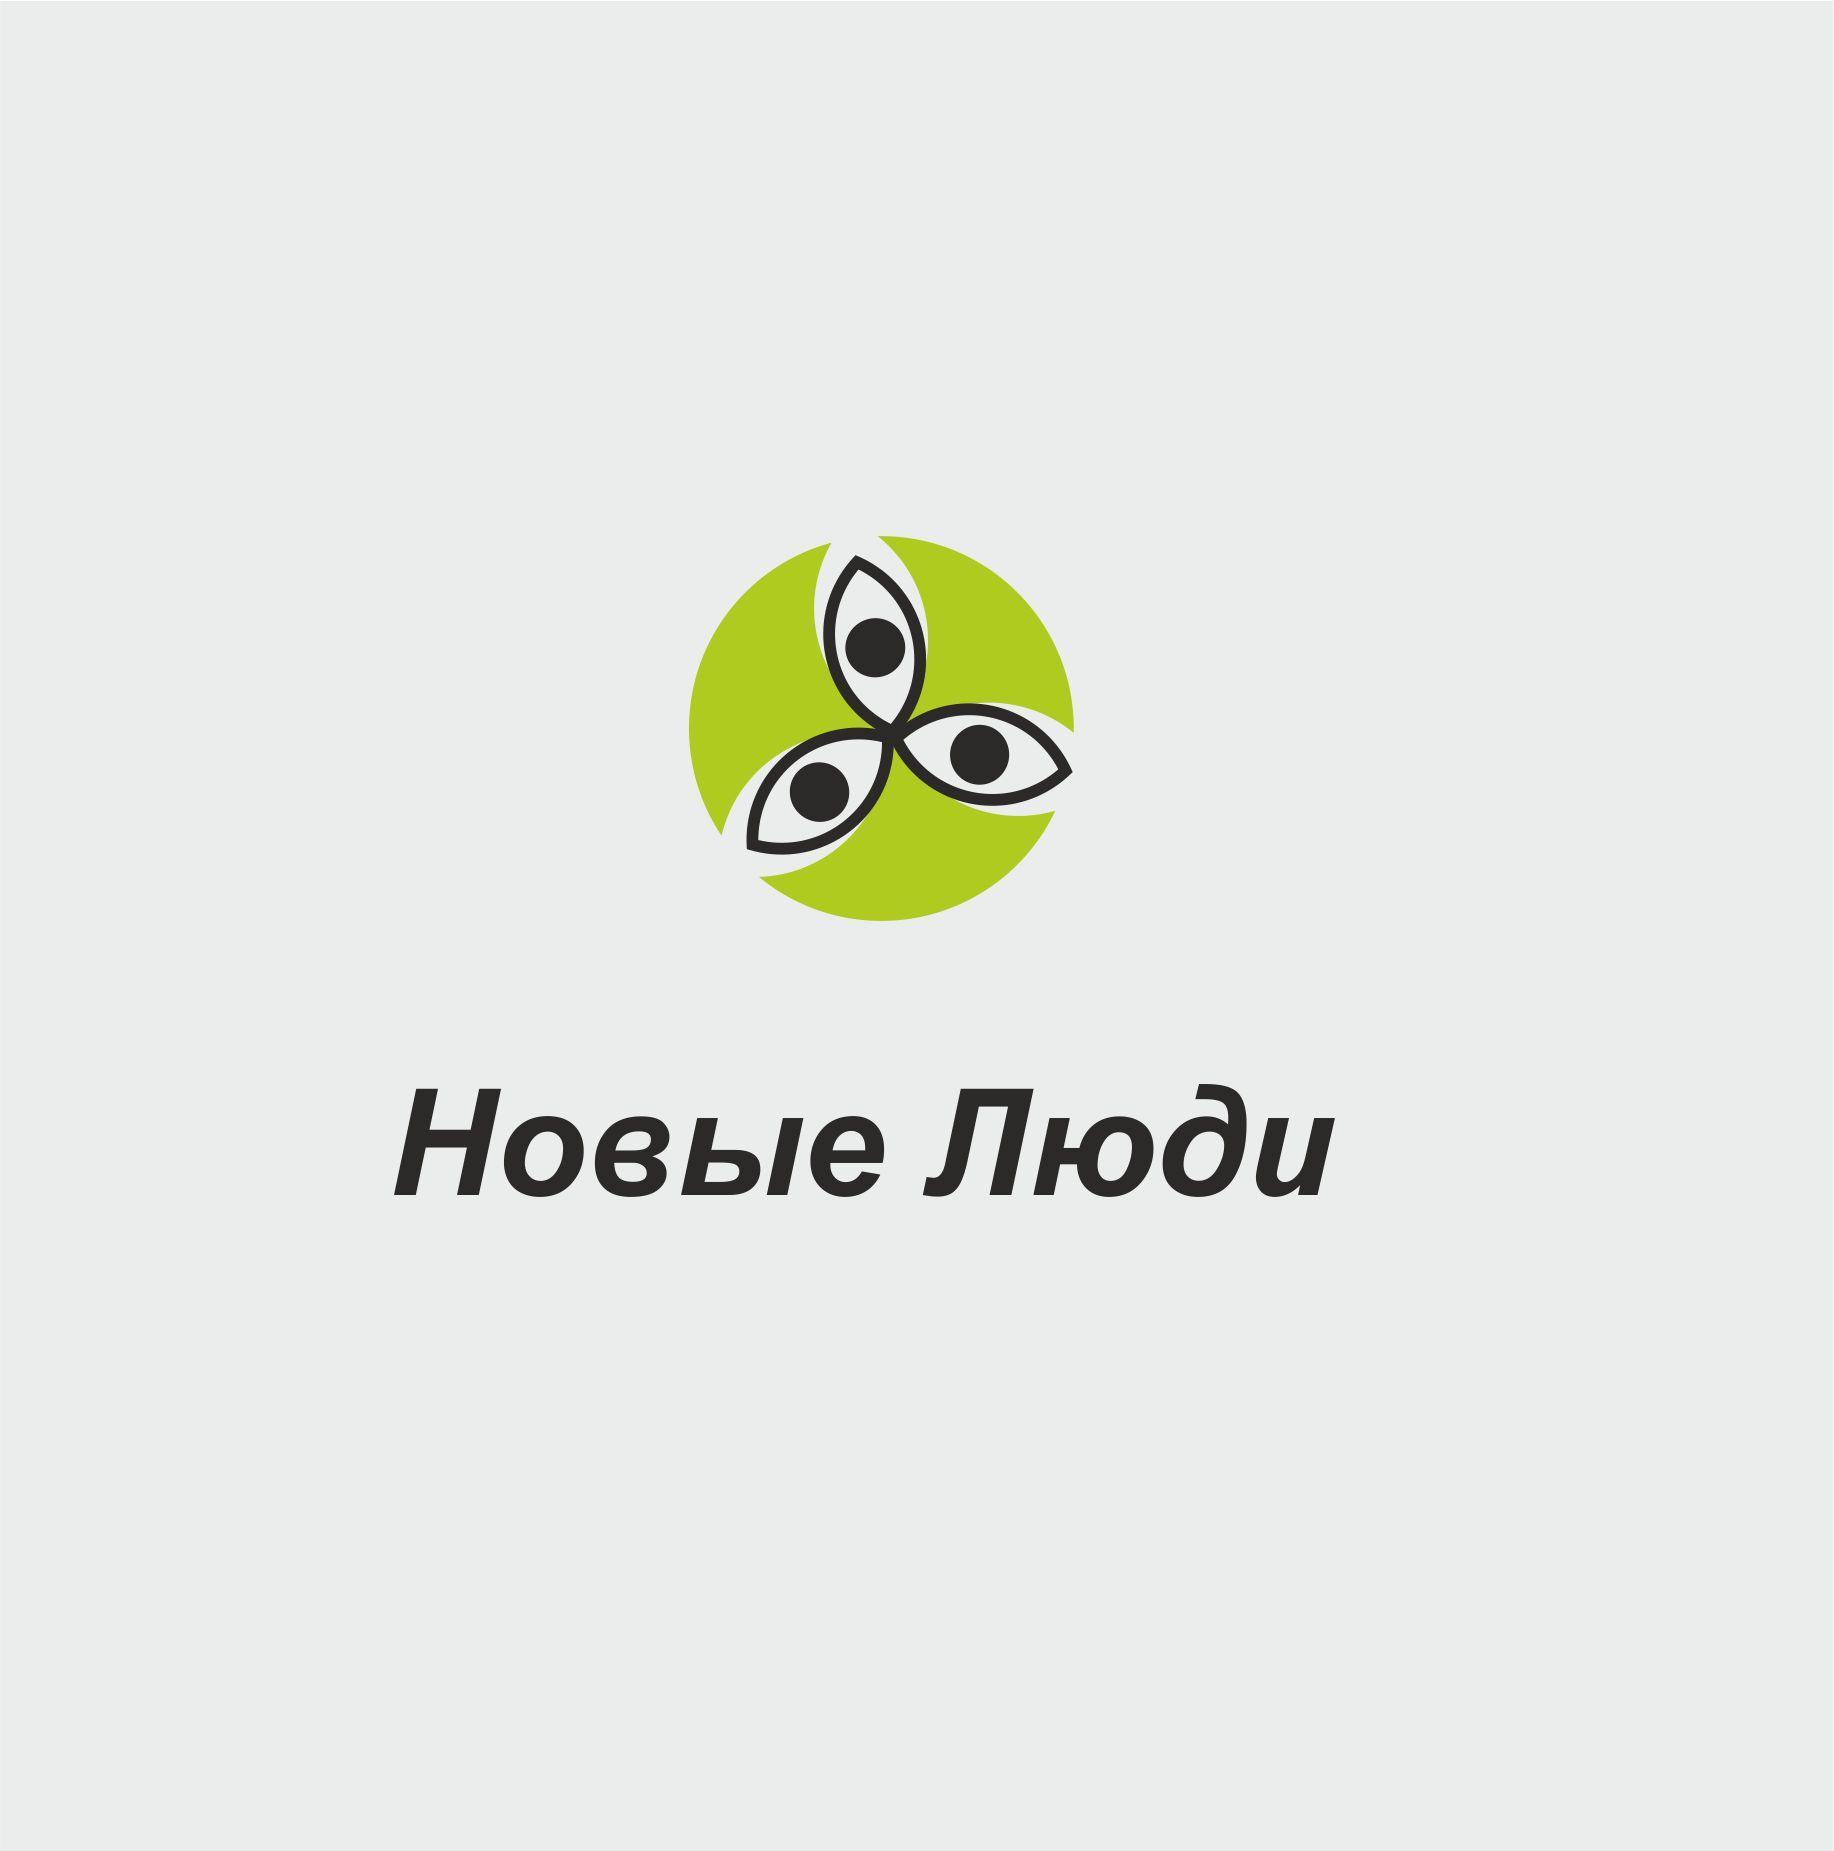 Лого и стиль тренингового центра/системы знаний - дизайнер dbyjuhfl